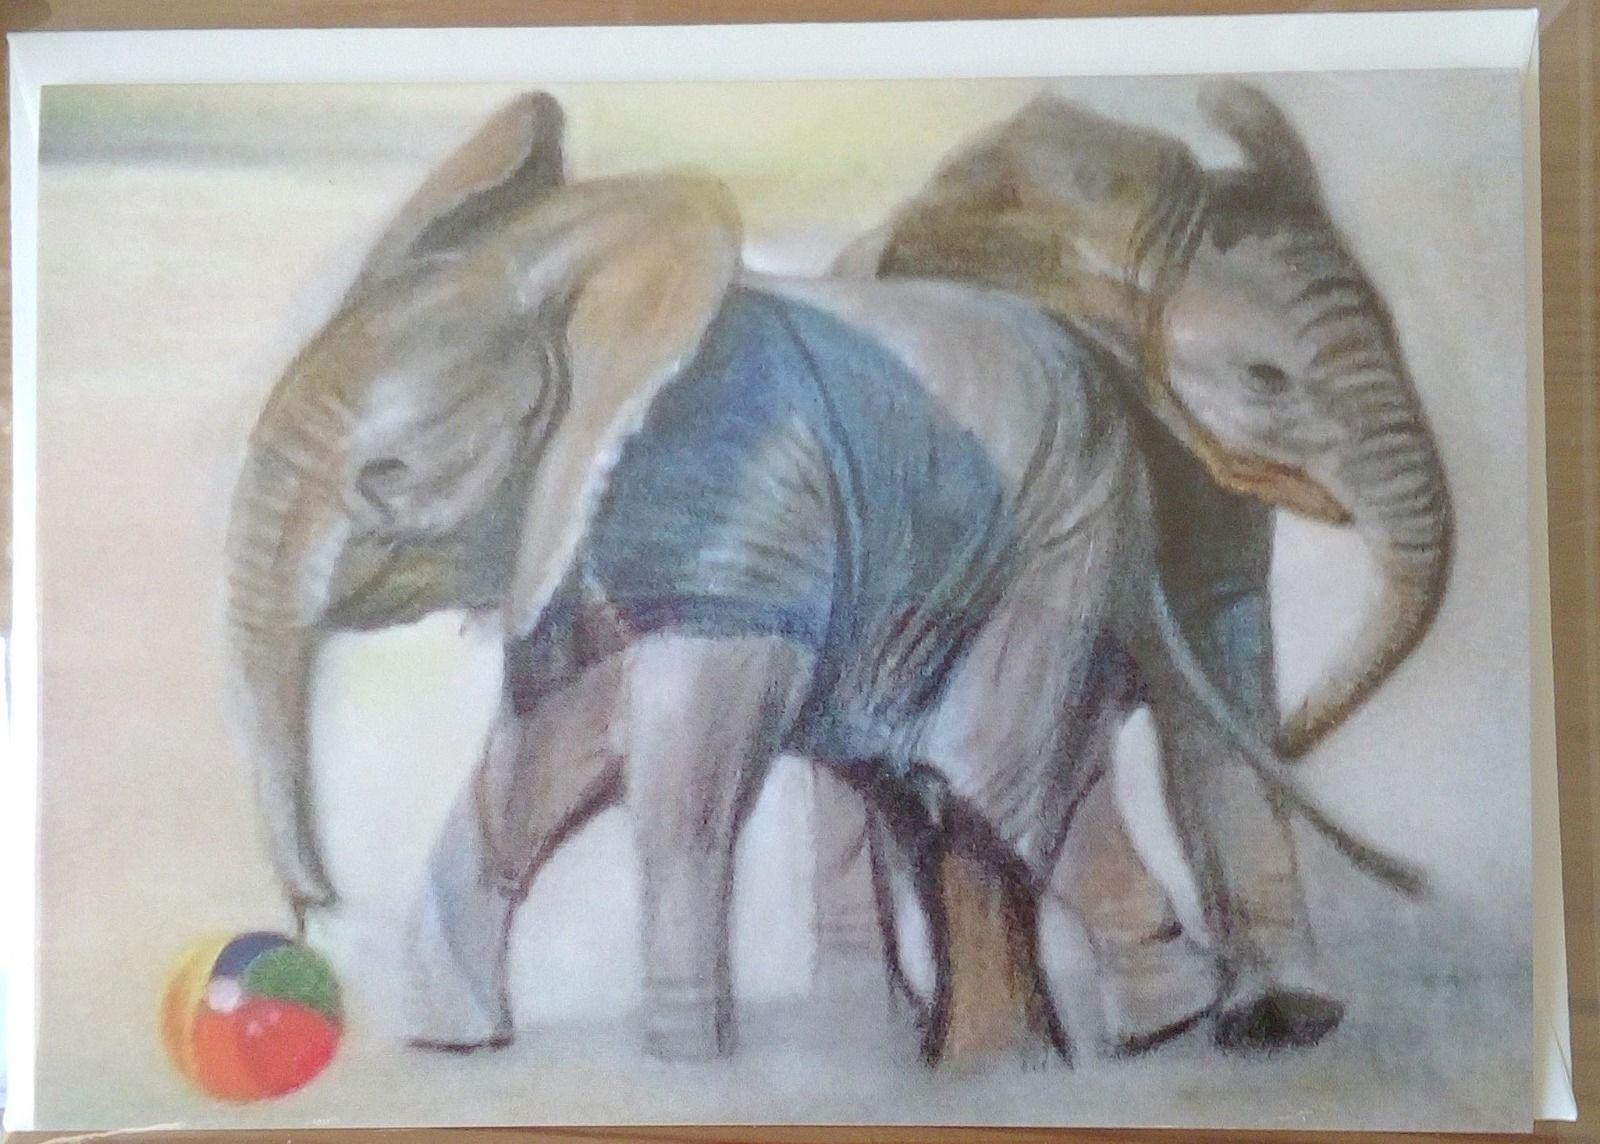 Baby Elephants playing football